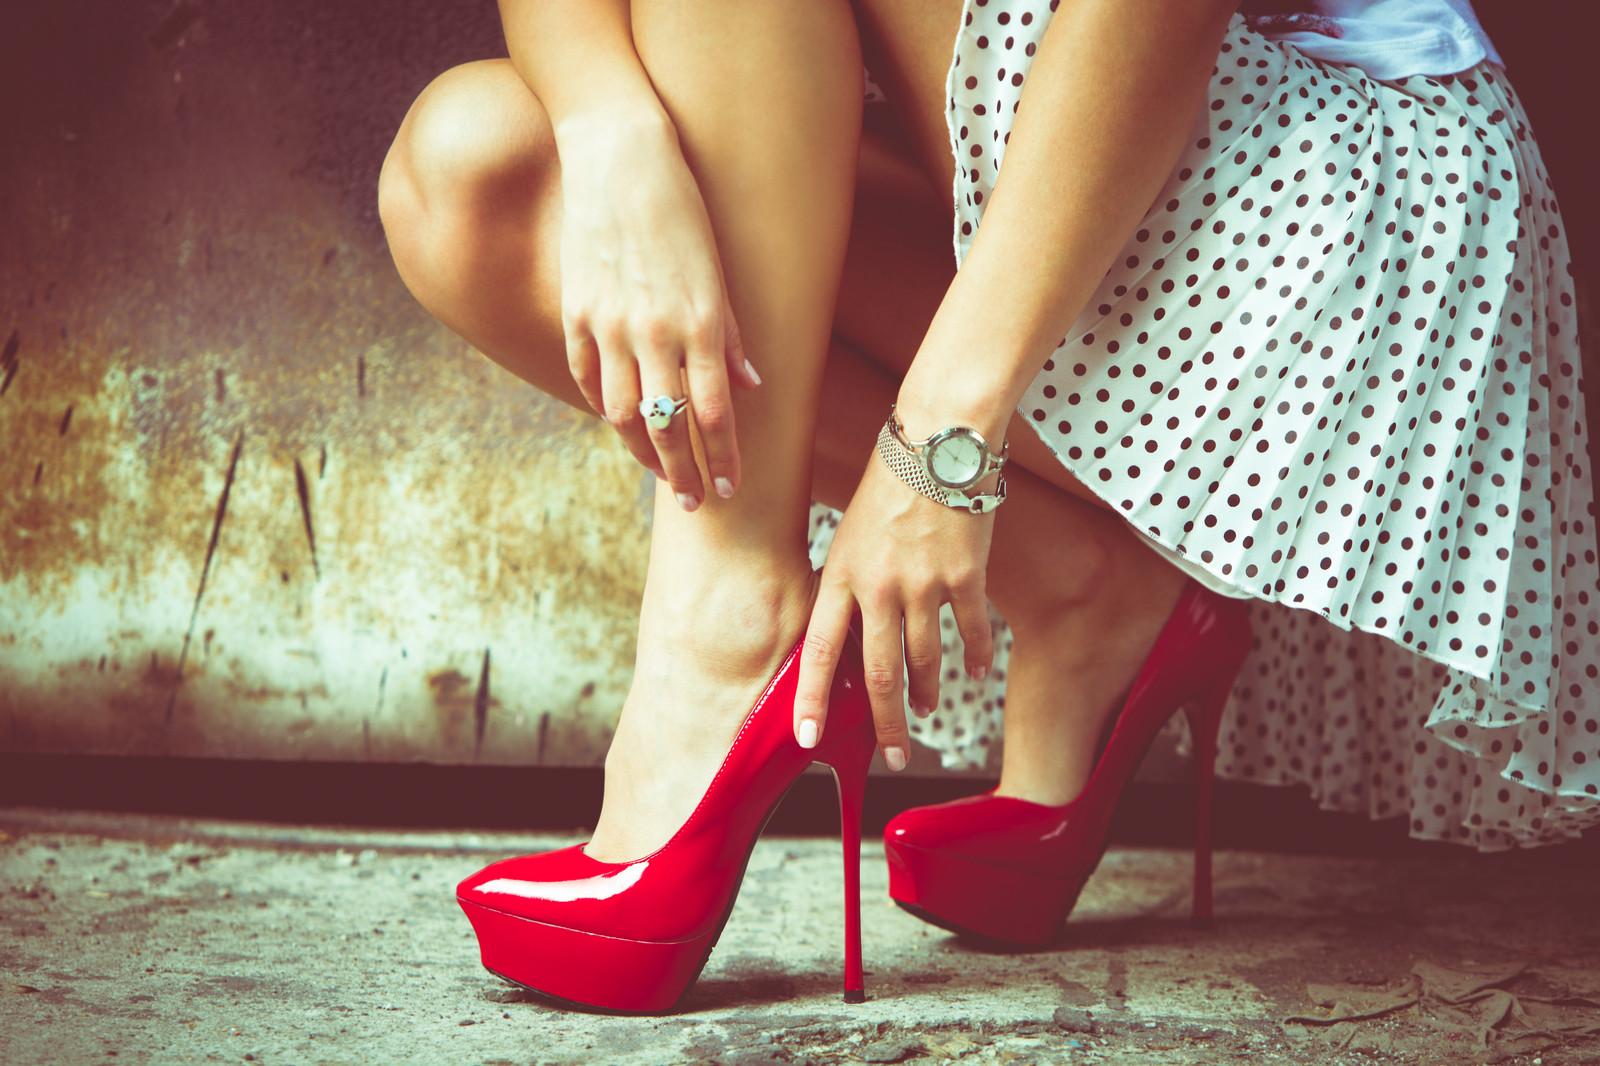 Heridas en los pies